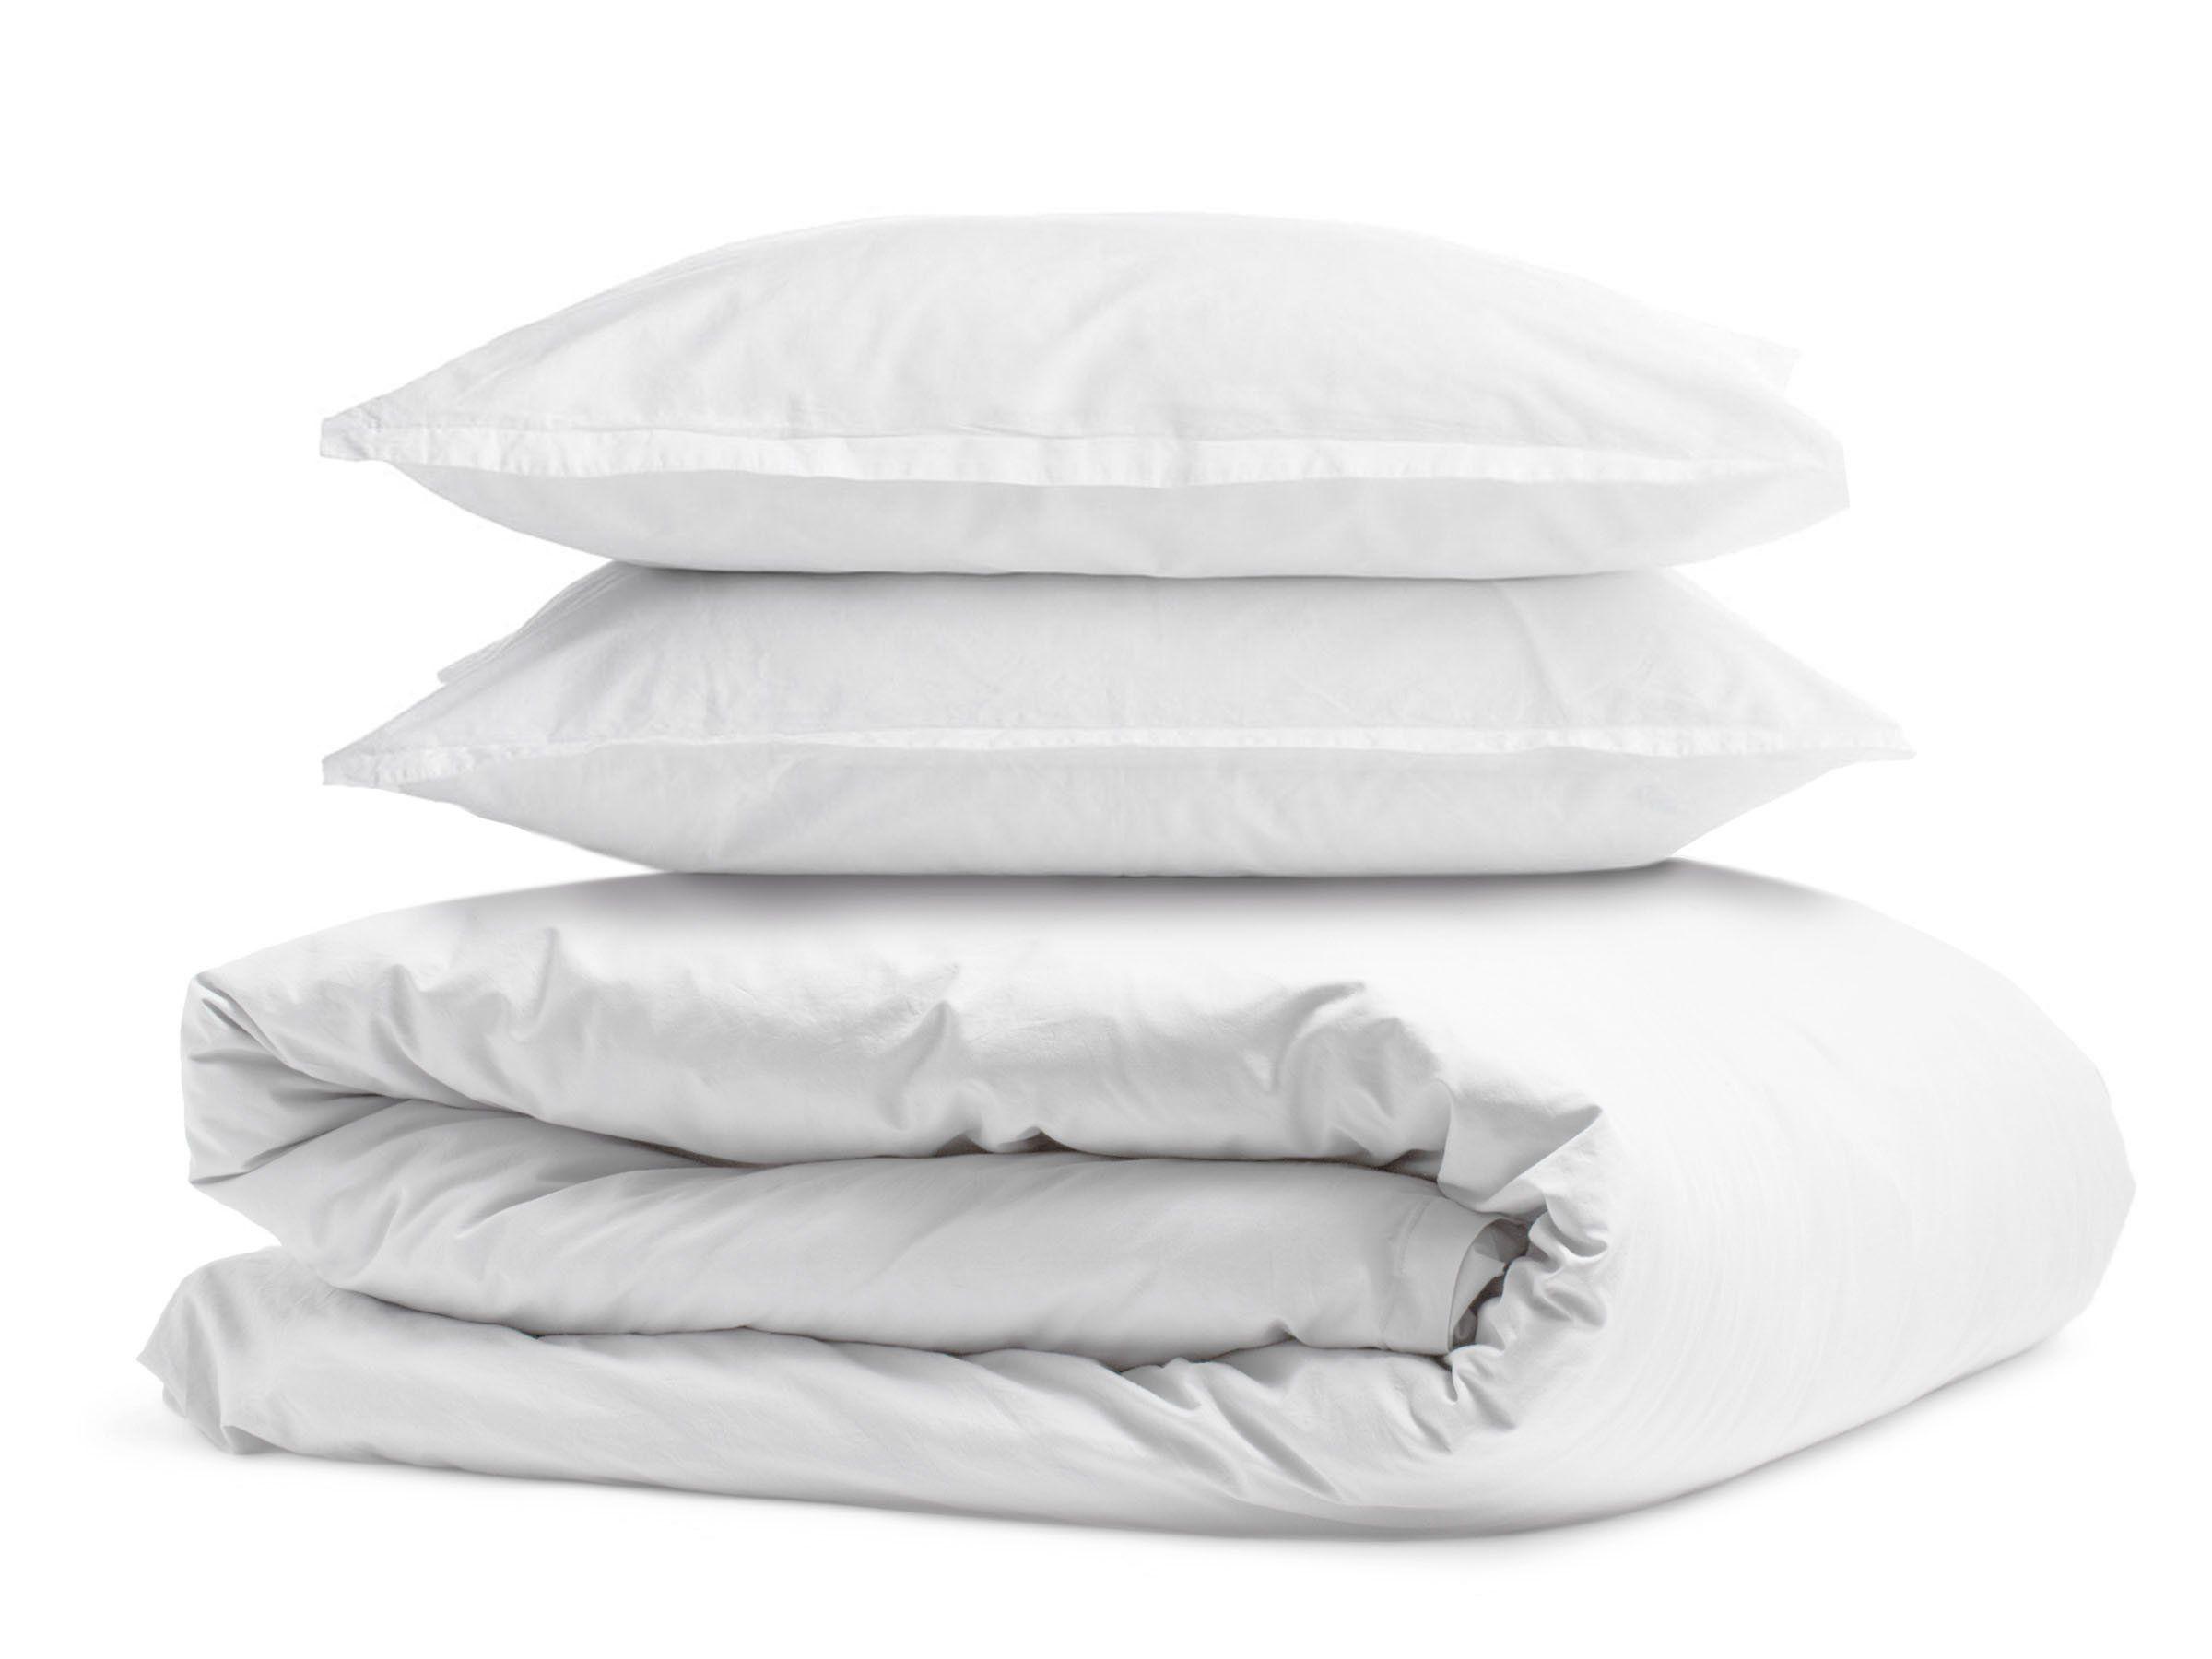 White Cal King Duvet Cover Set Soft Brushed Comforter Cover W//Pillow Sham